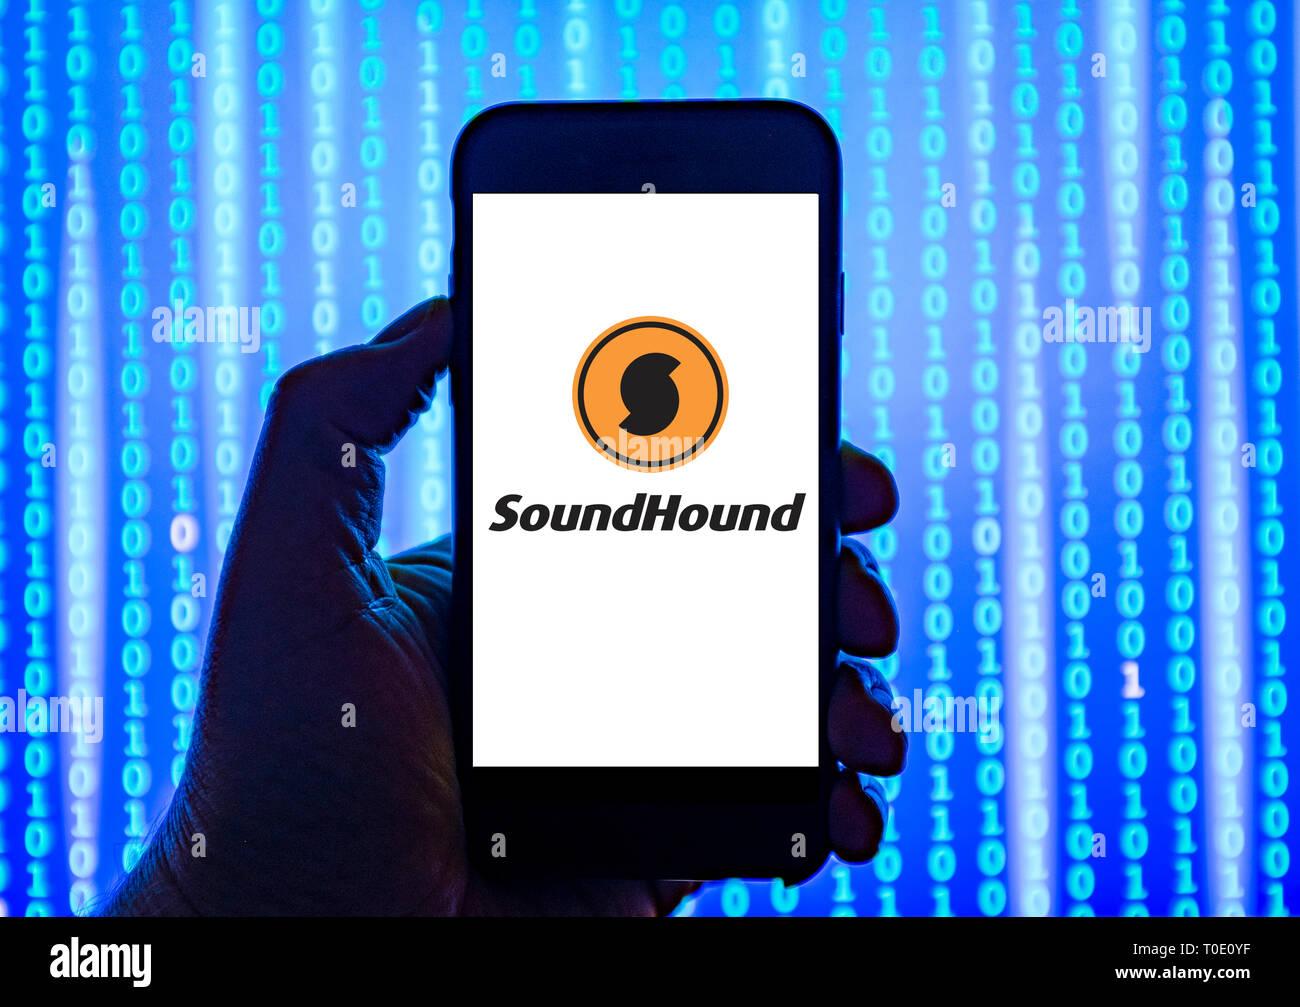 Personne tenant smart phone avec Soundhound reconnaissance vocale et audio software company logo affiché sur l'écran. Photo Stock